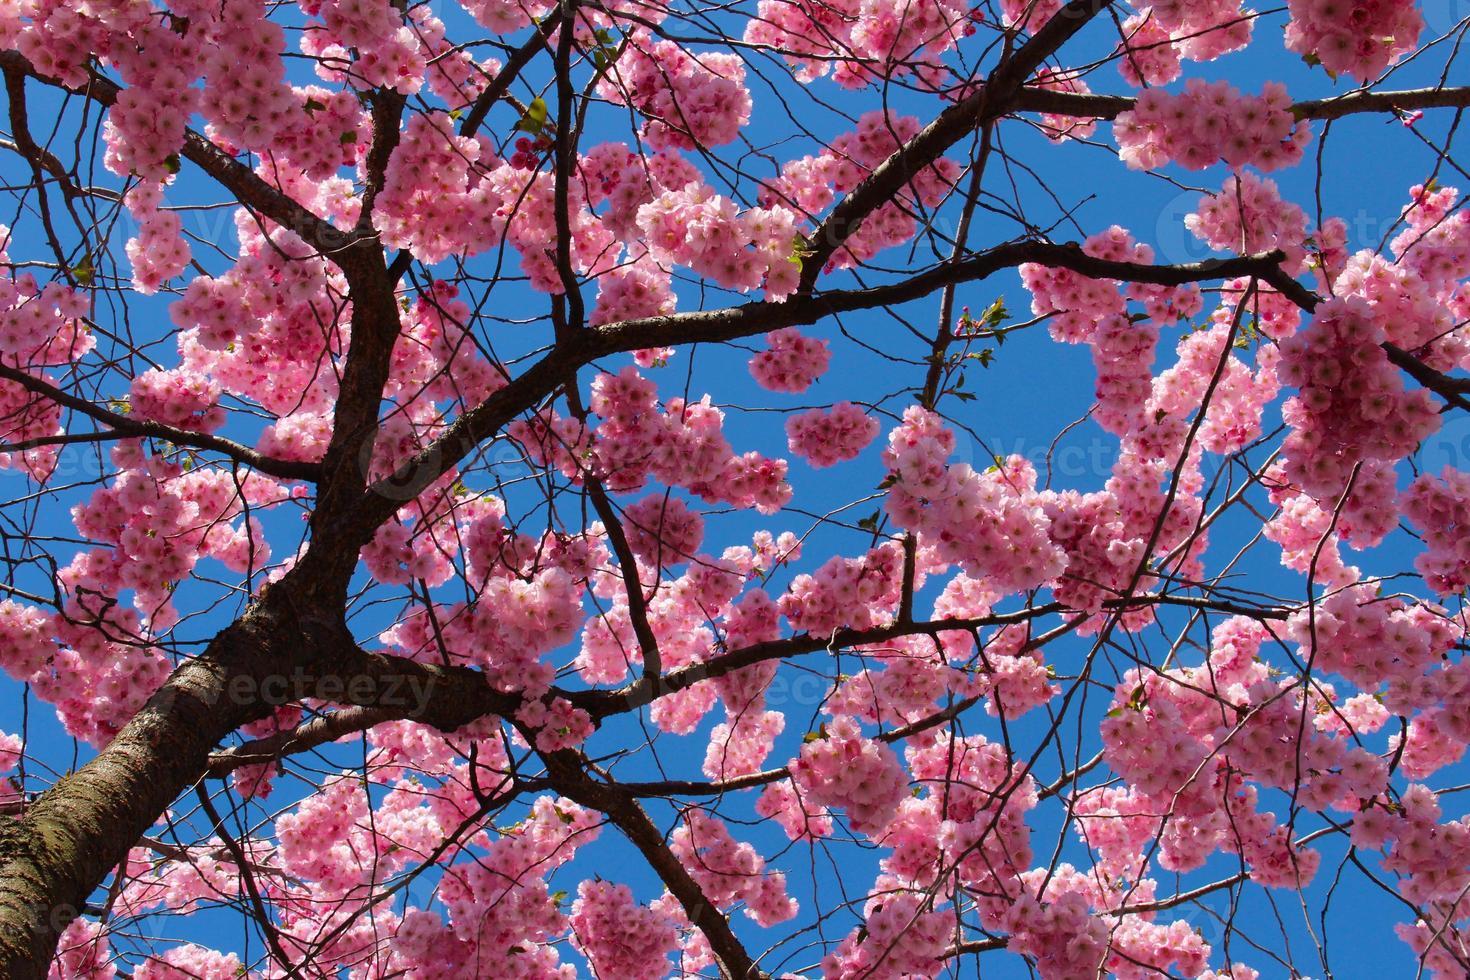 fiore di ciliegio contro il cielo blu foto